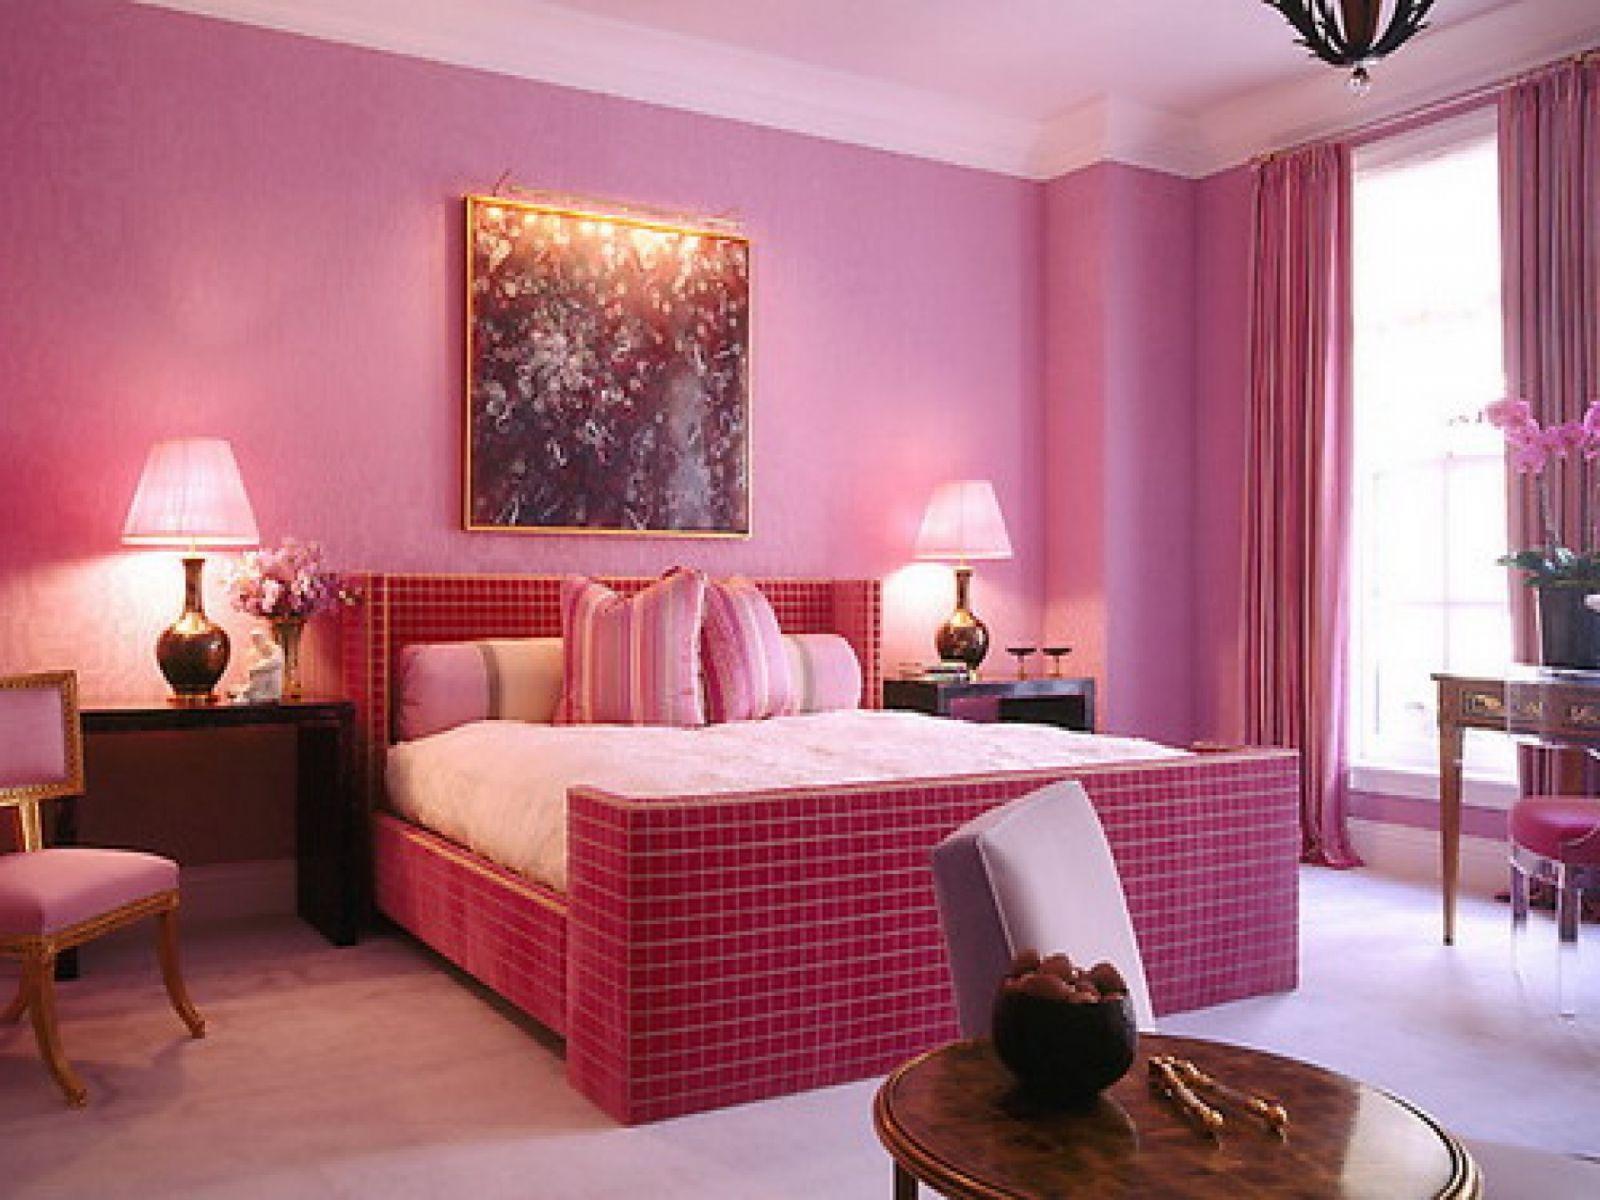 Rèm cửa màu hồng trong phòng ngủ